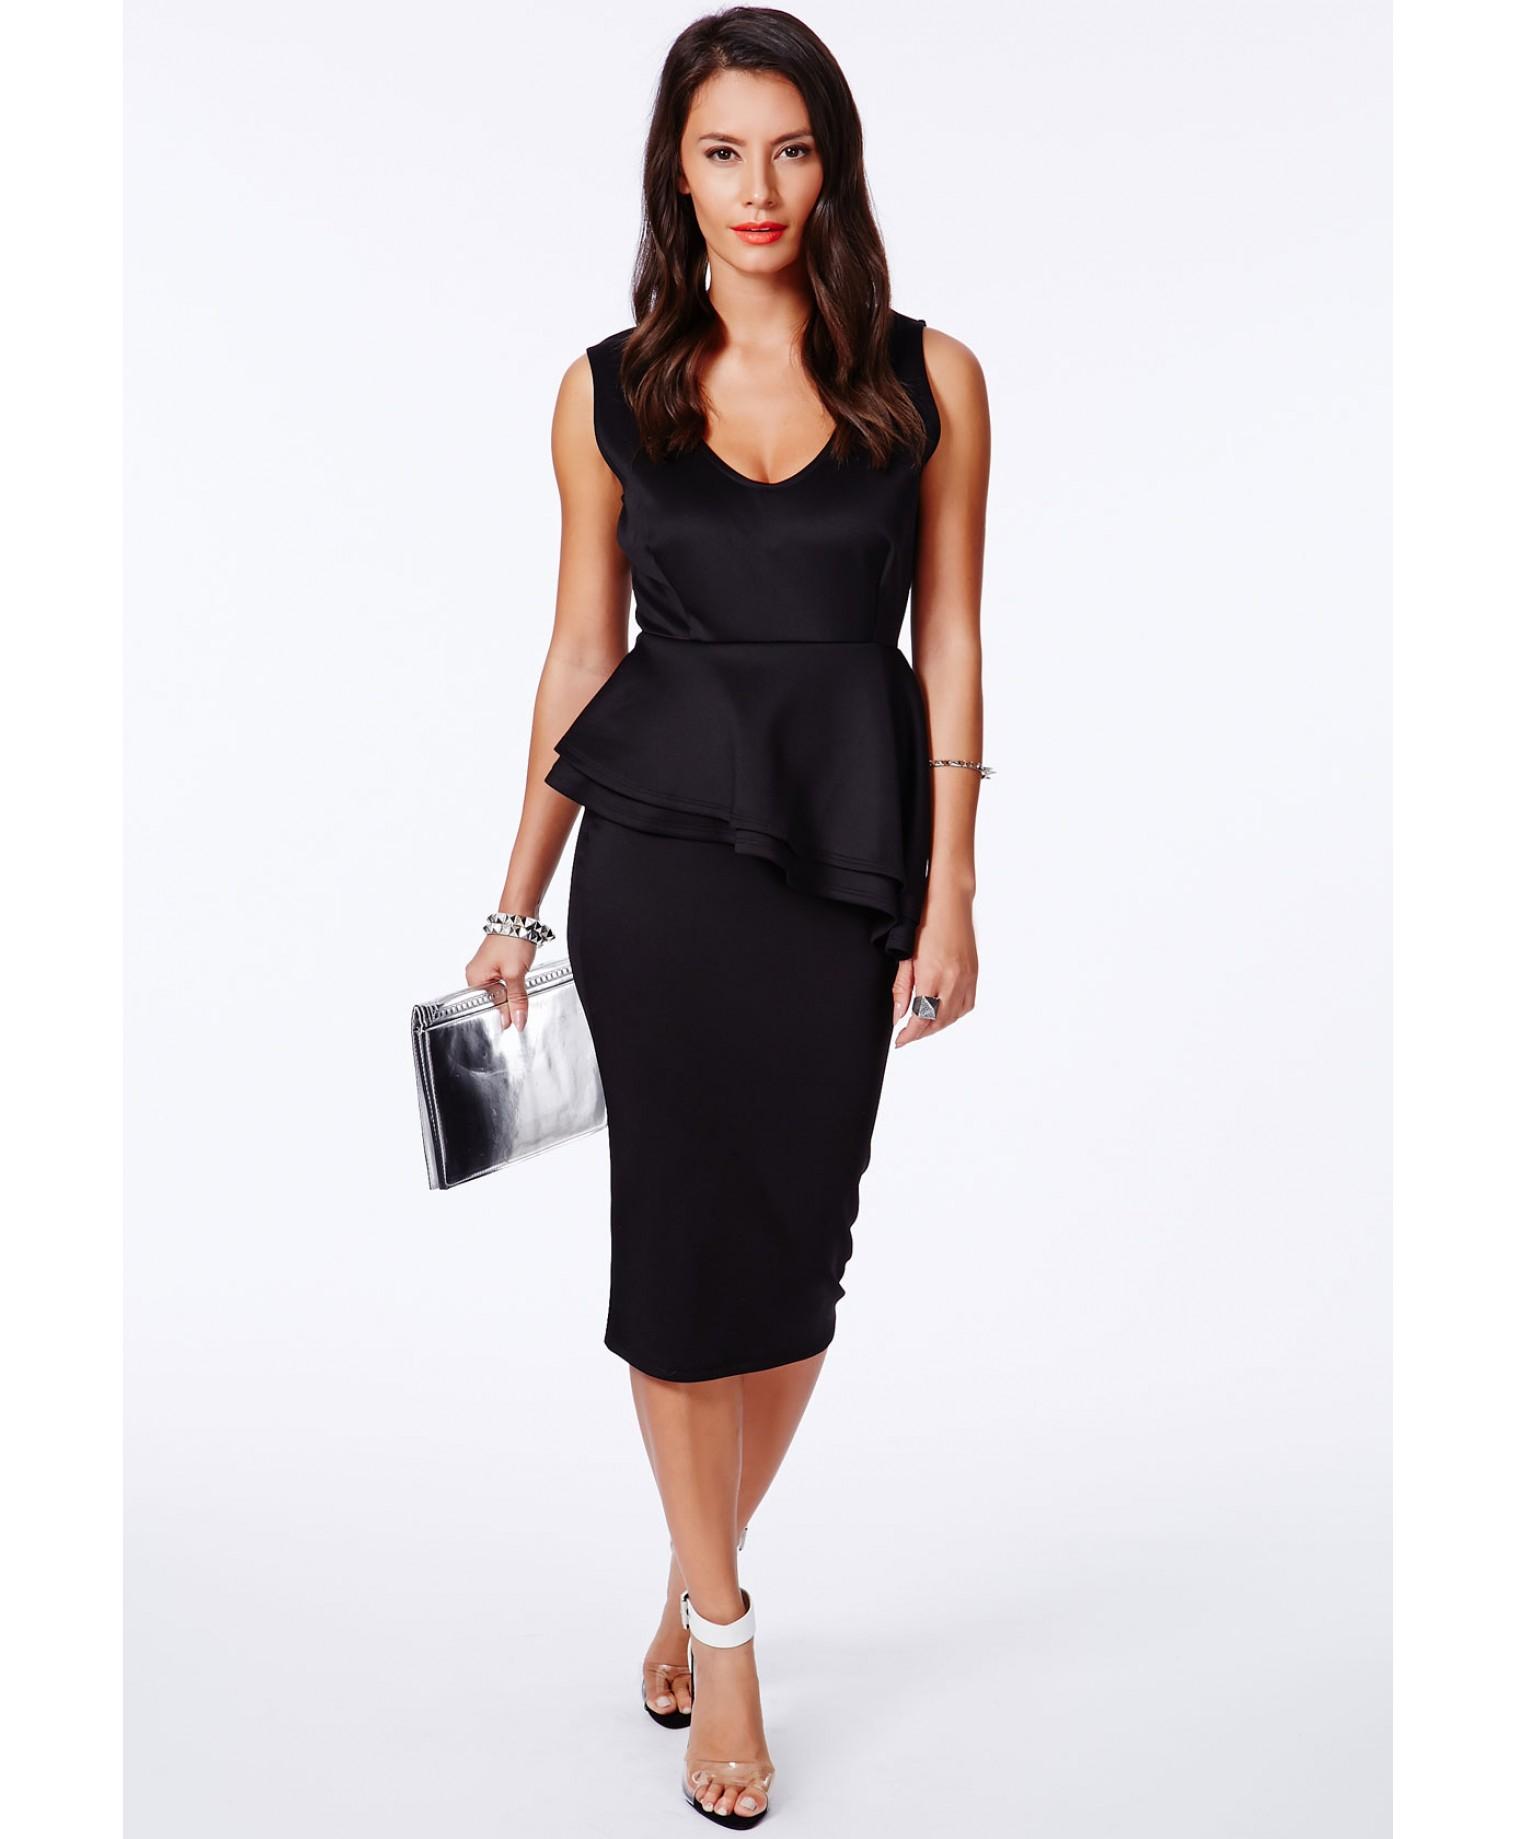 Missguided velvet racer high neck midi dress black in black lyst - Be Inspired